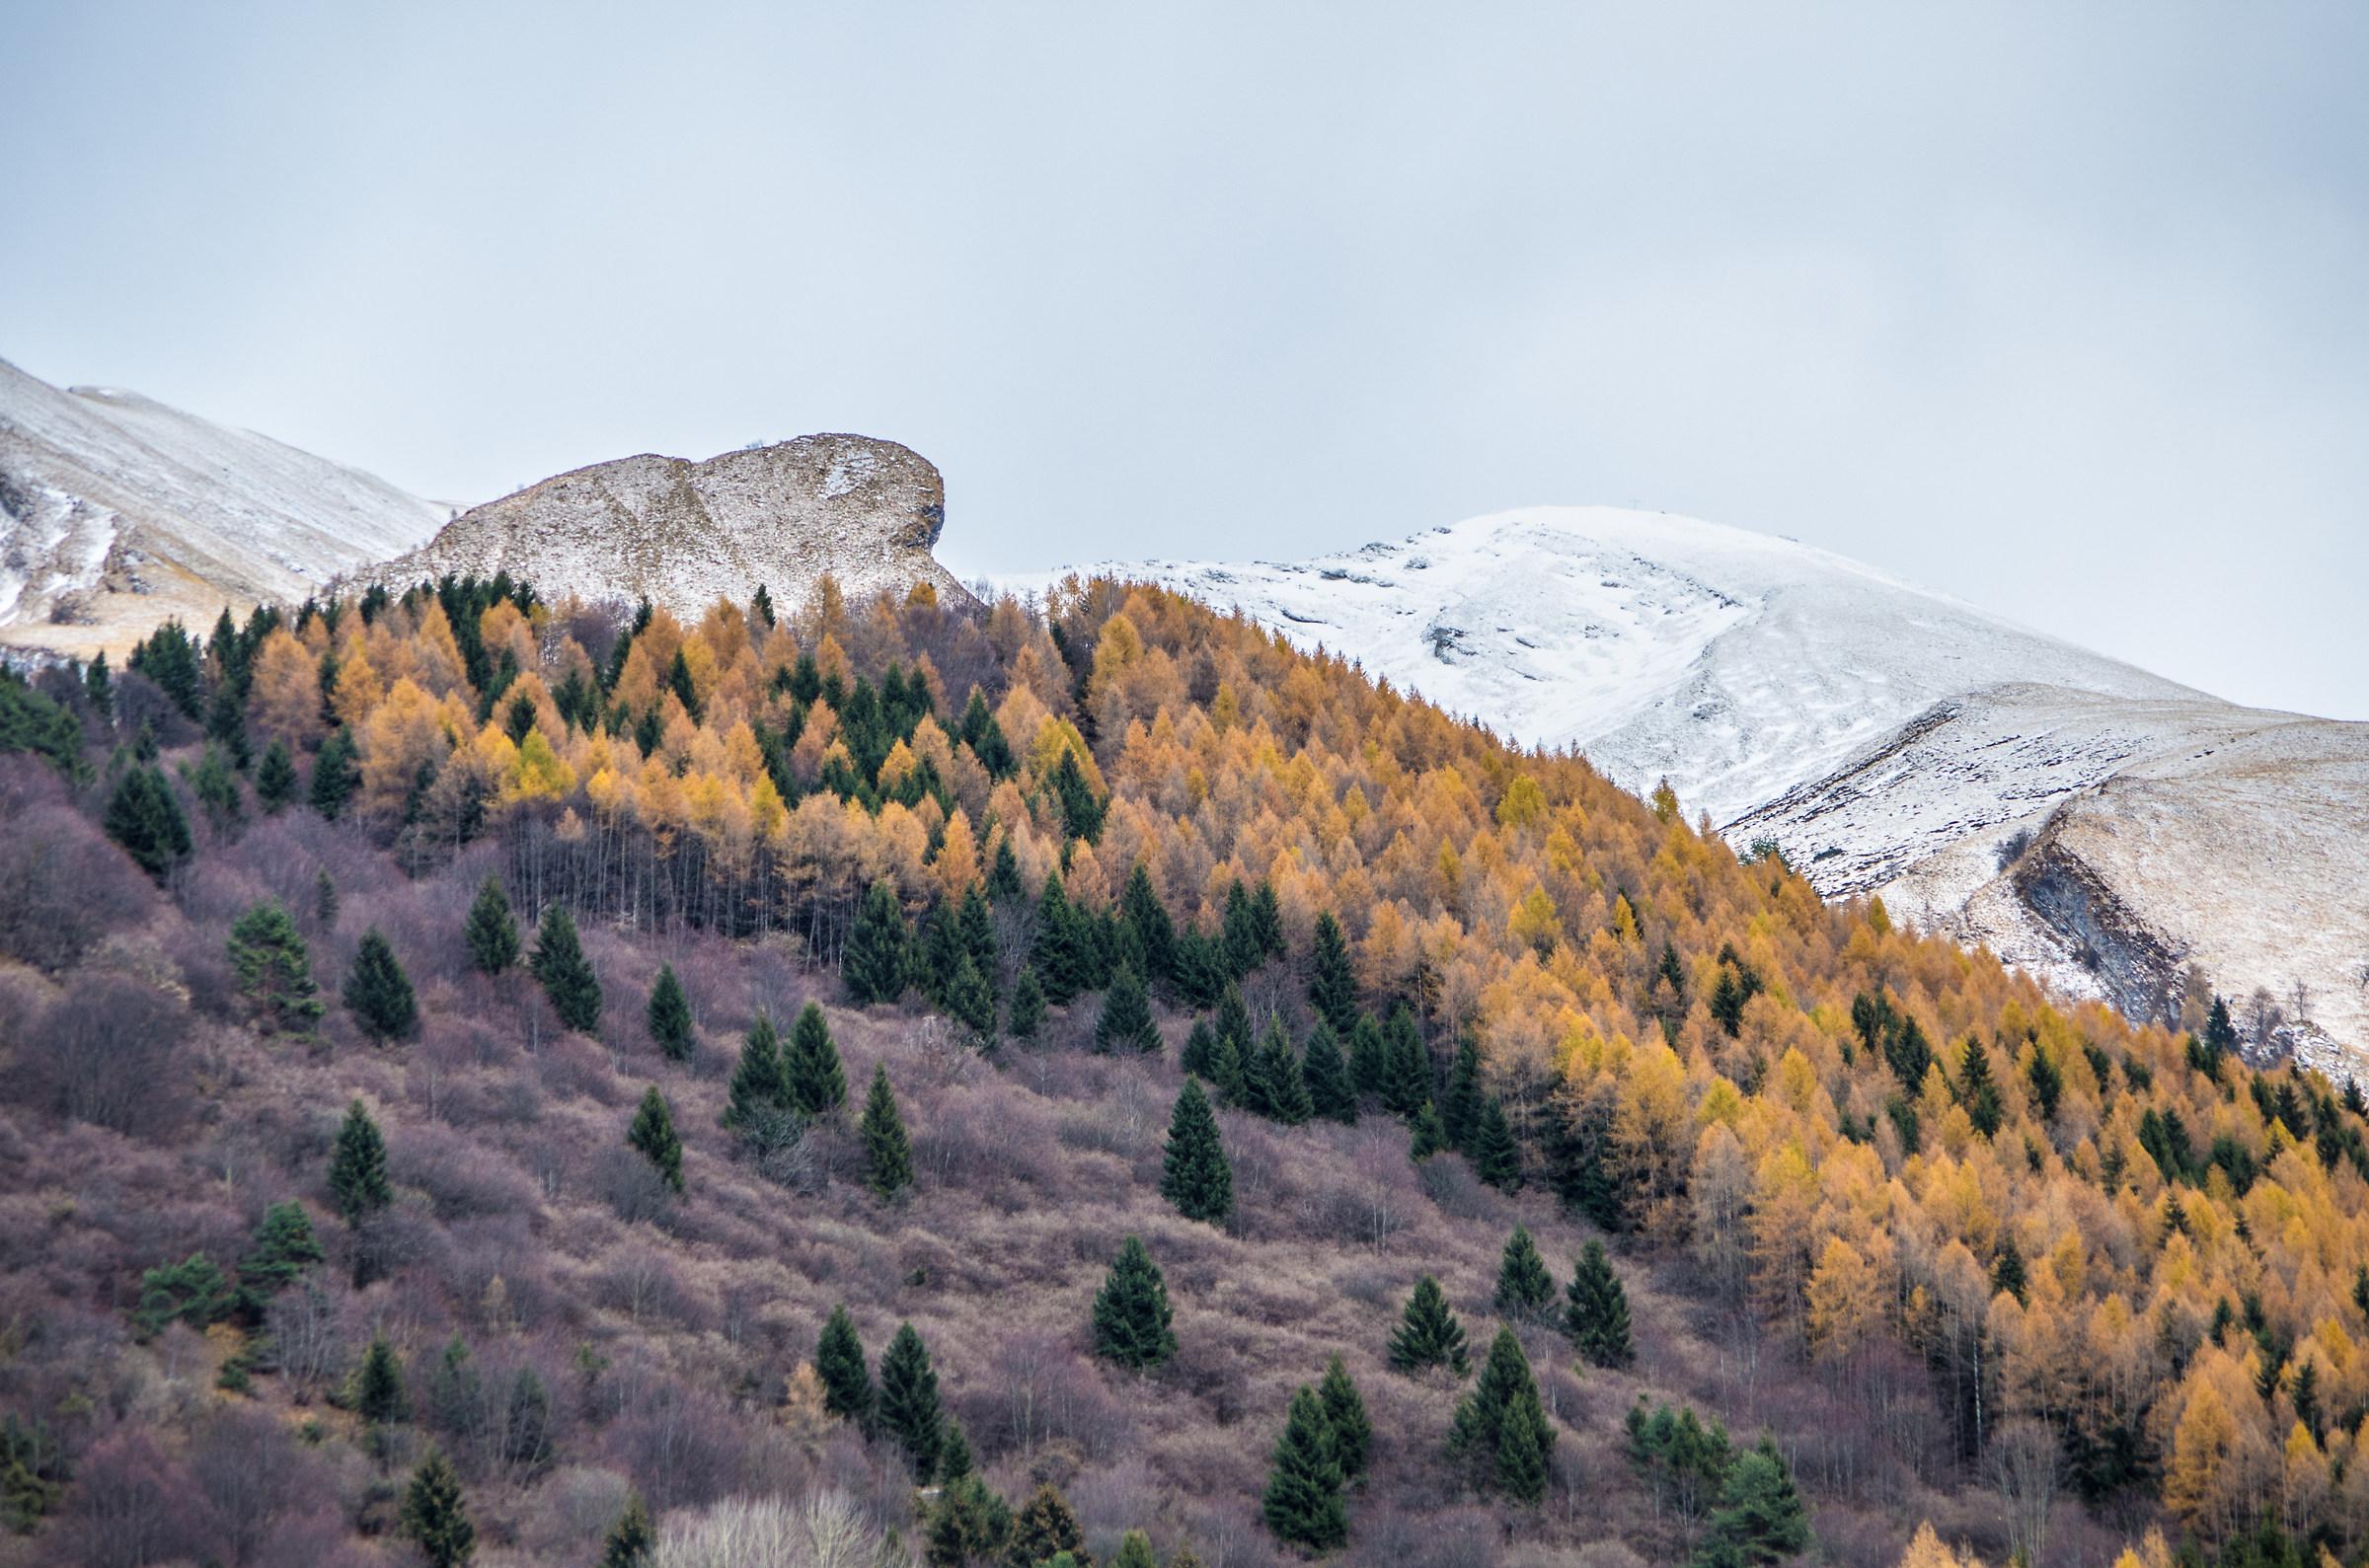 La criniera del Monte Serva...